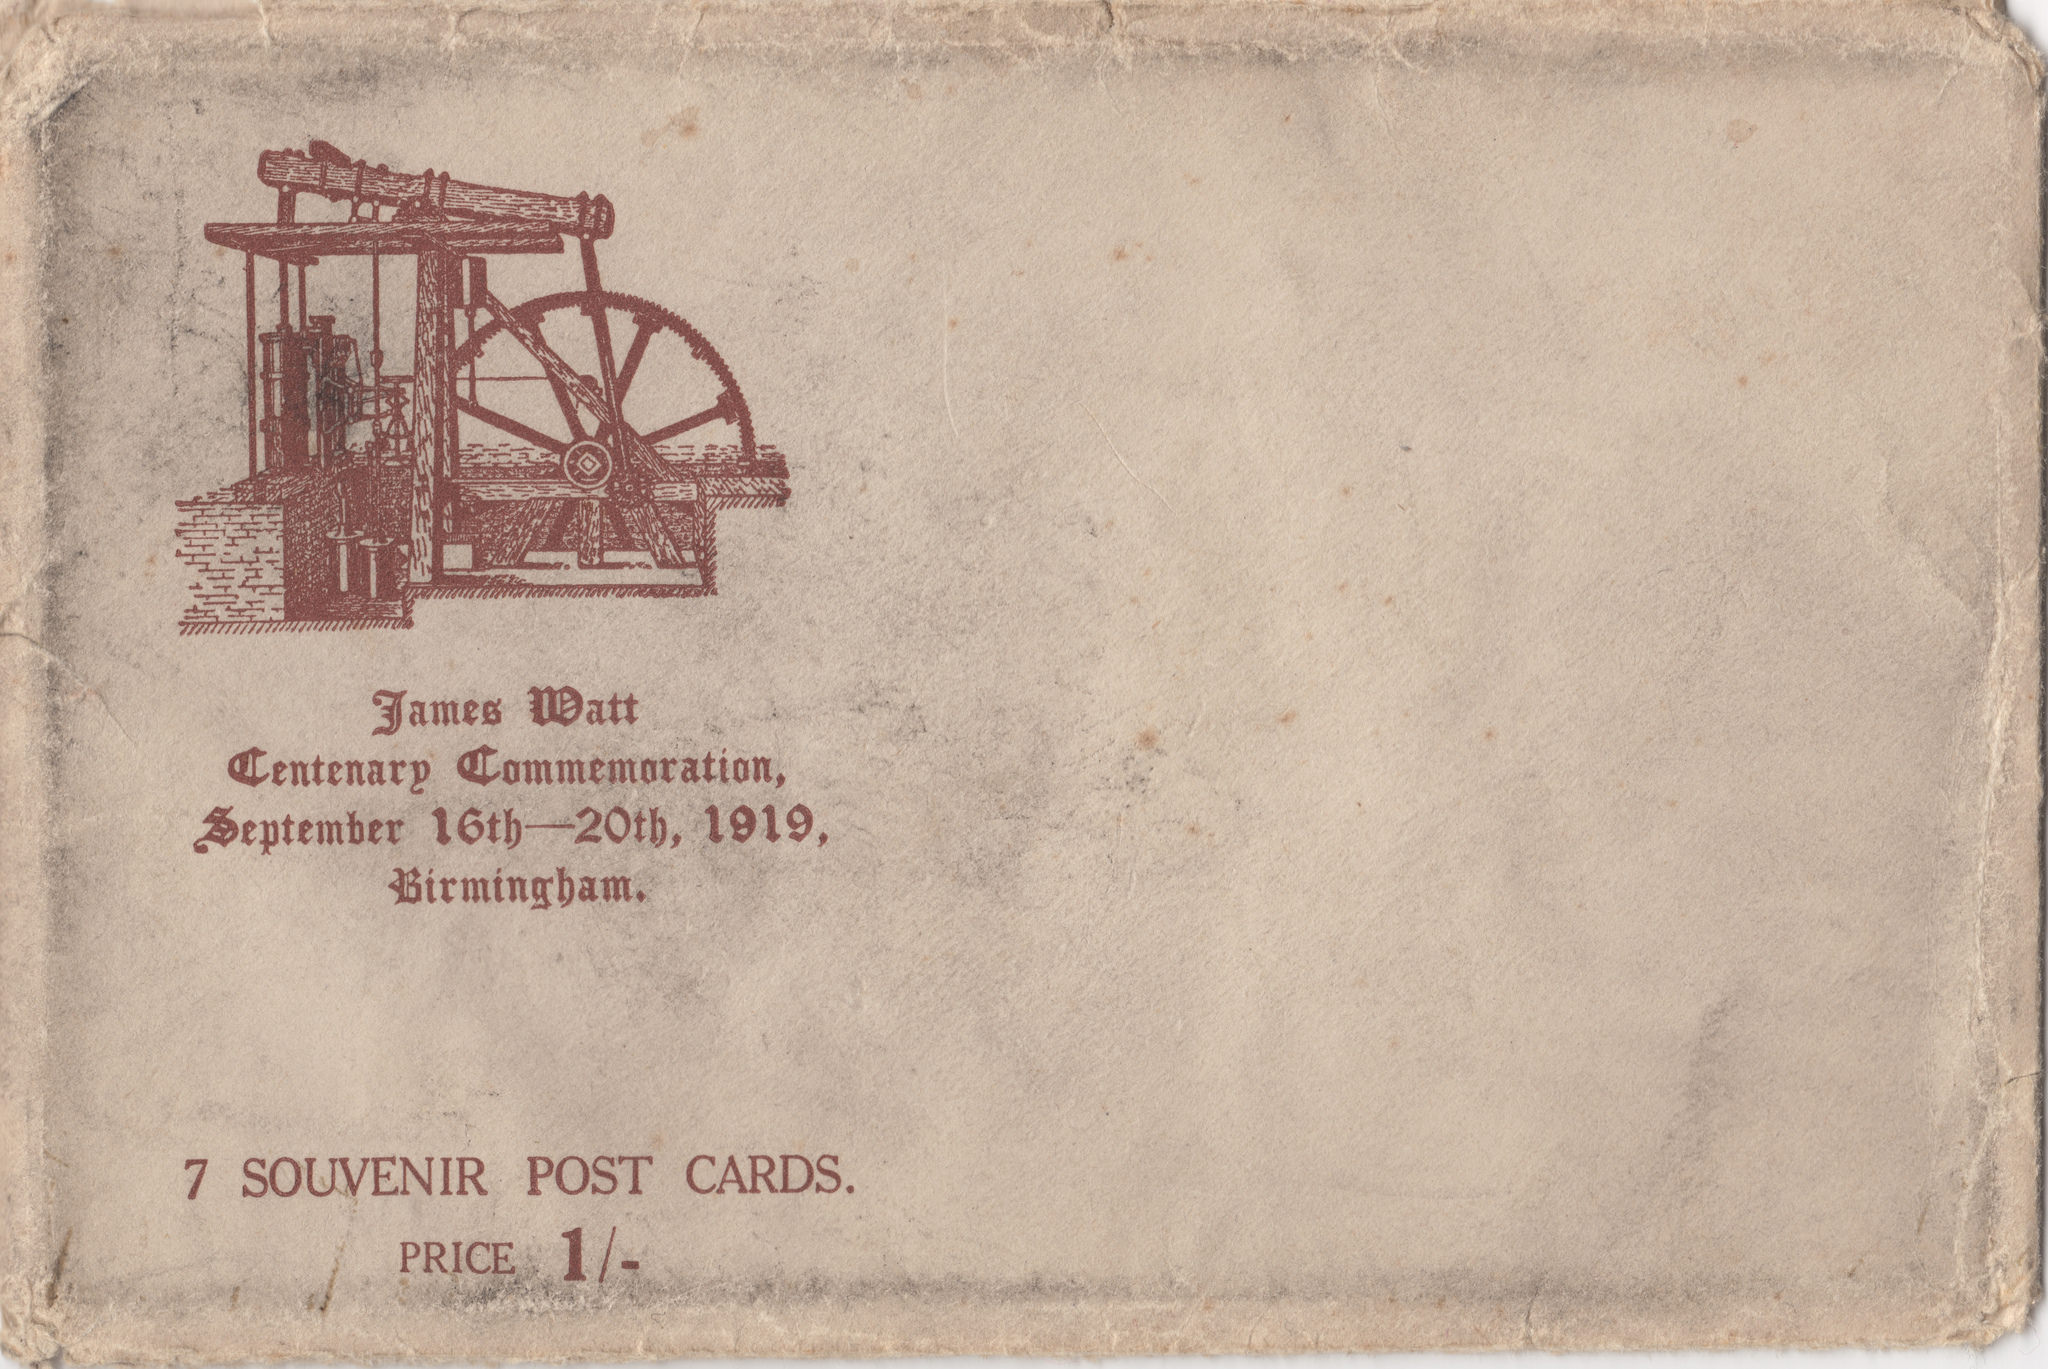 James Watt Centenary Commemorations 1919